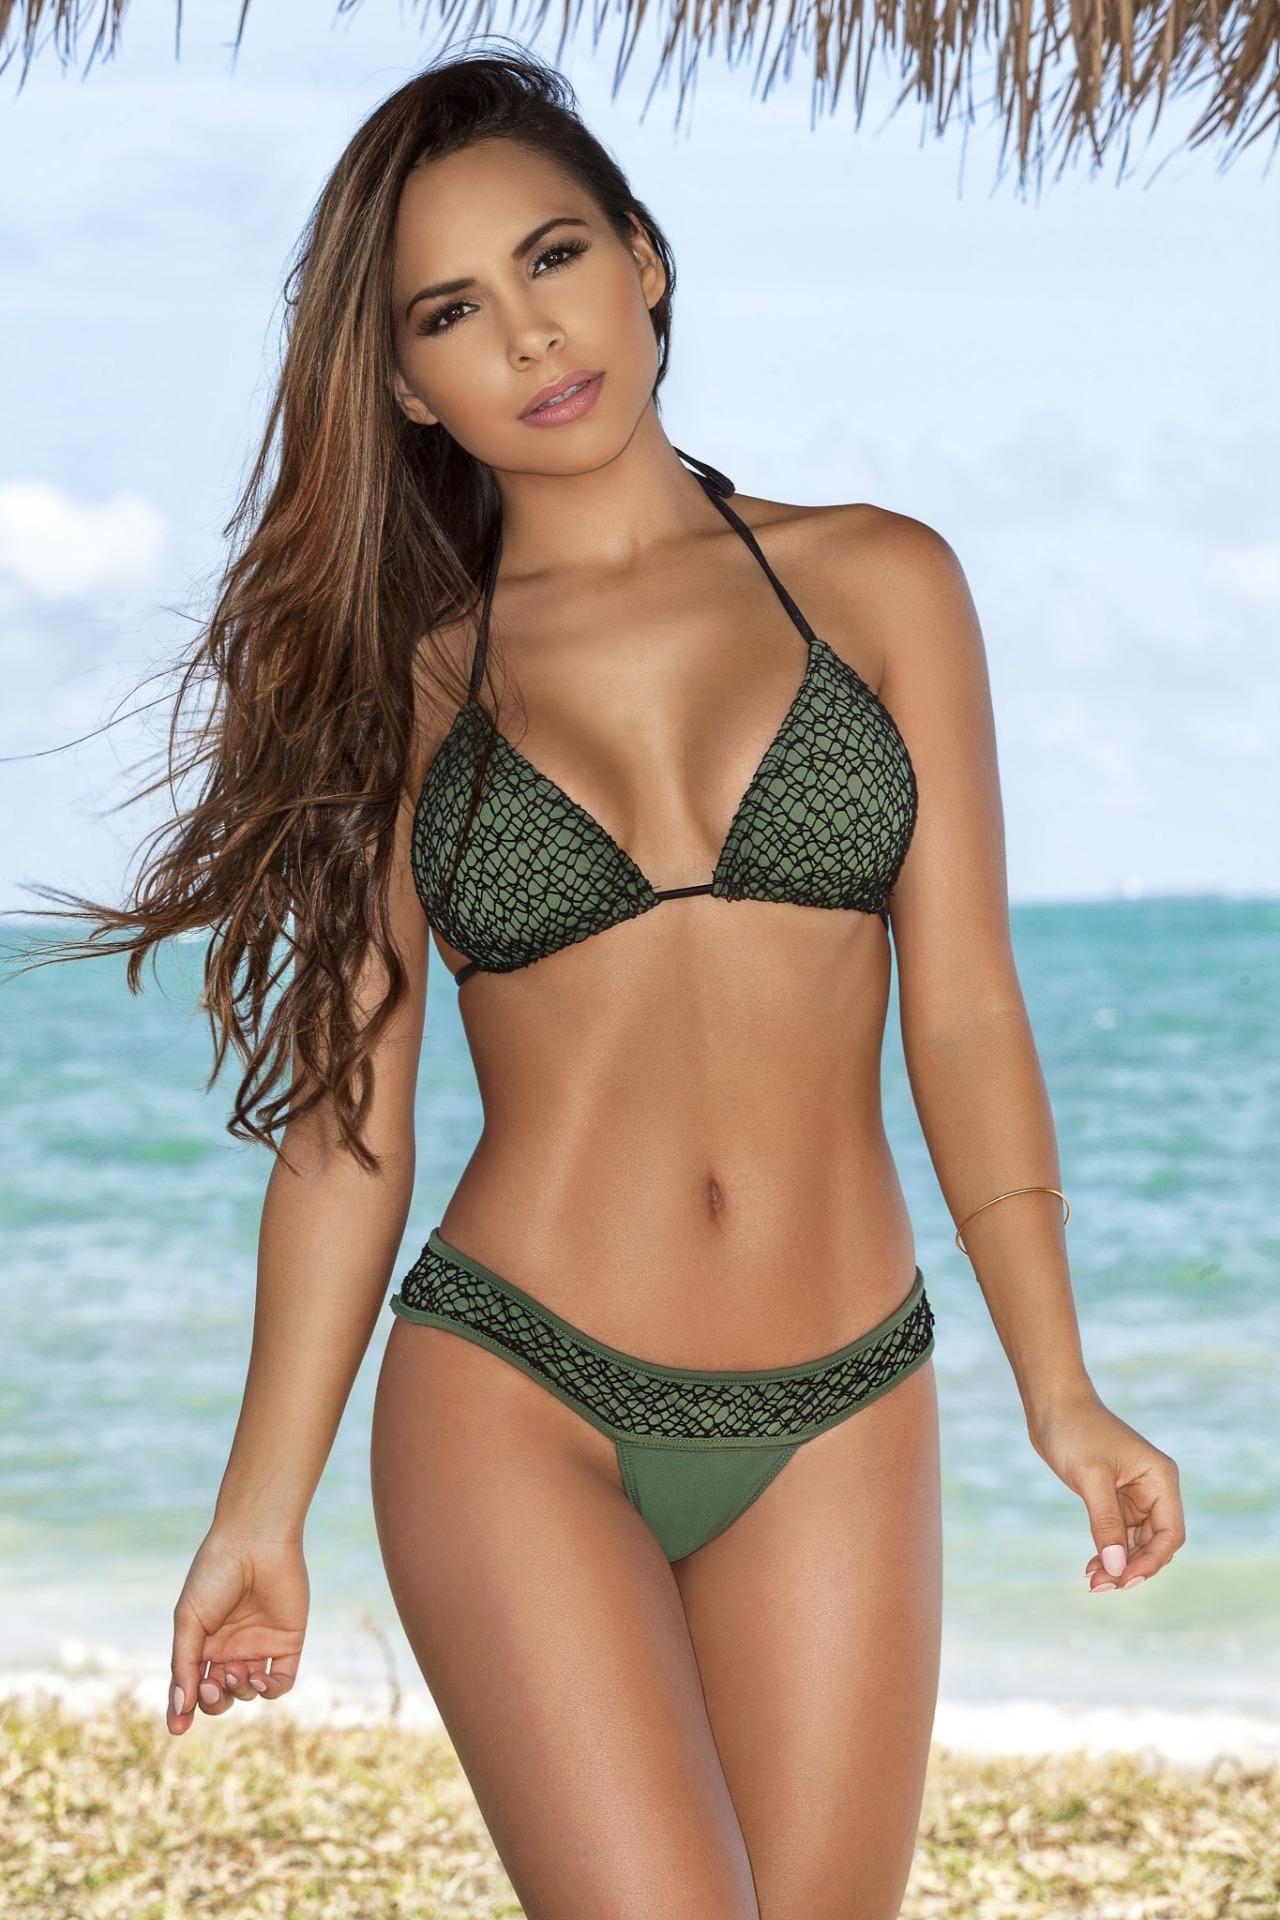 cool girl in swim wear